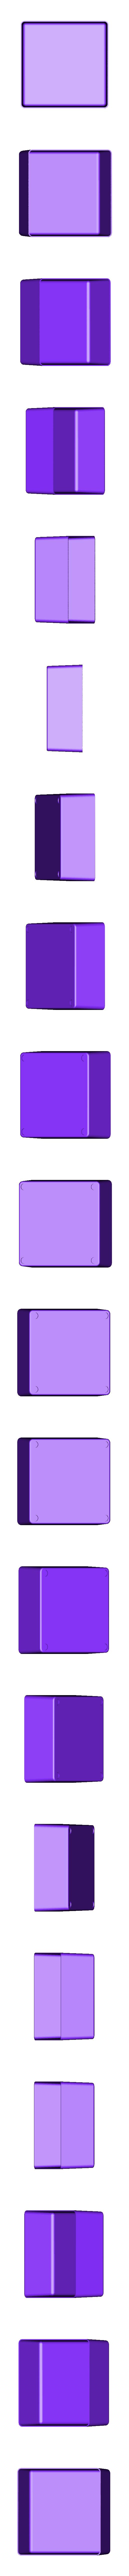 2-2__V1.stl Download STL file Allit Europlus organizer boxes • 3D printable model, baracuda86